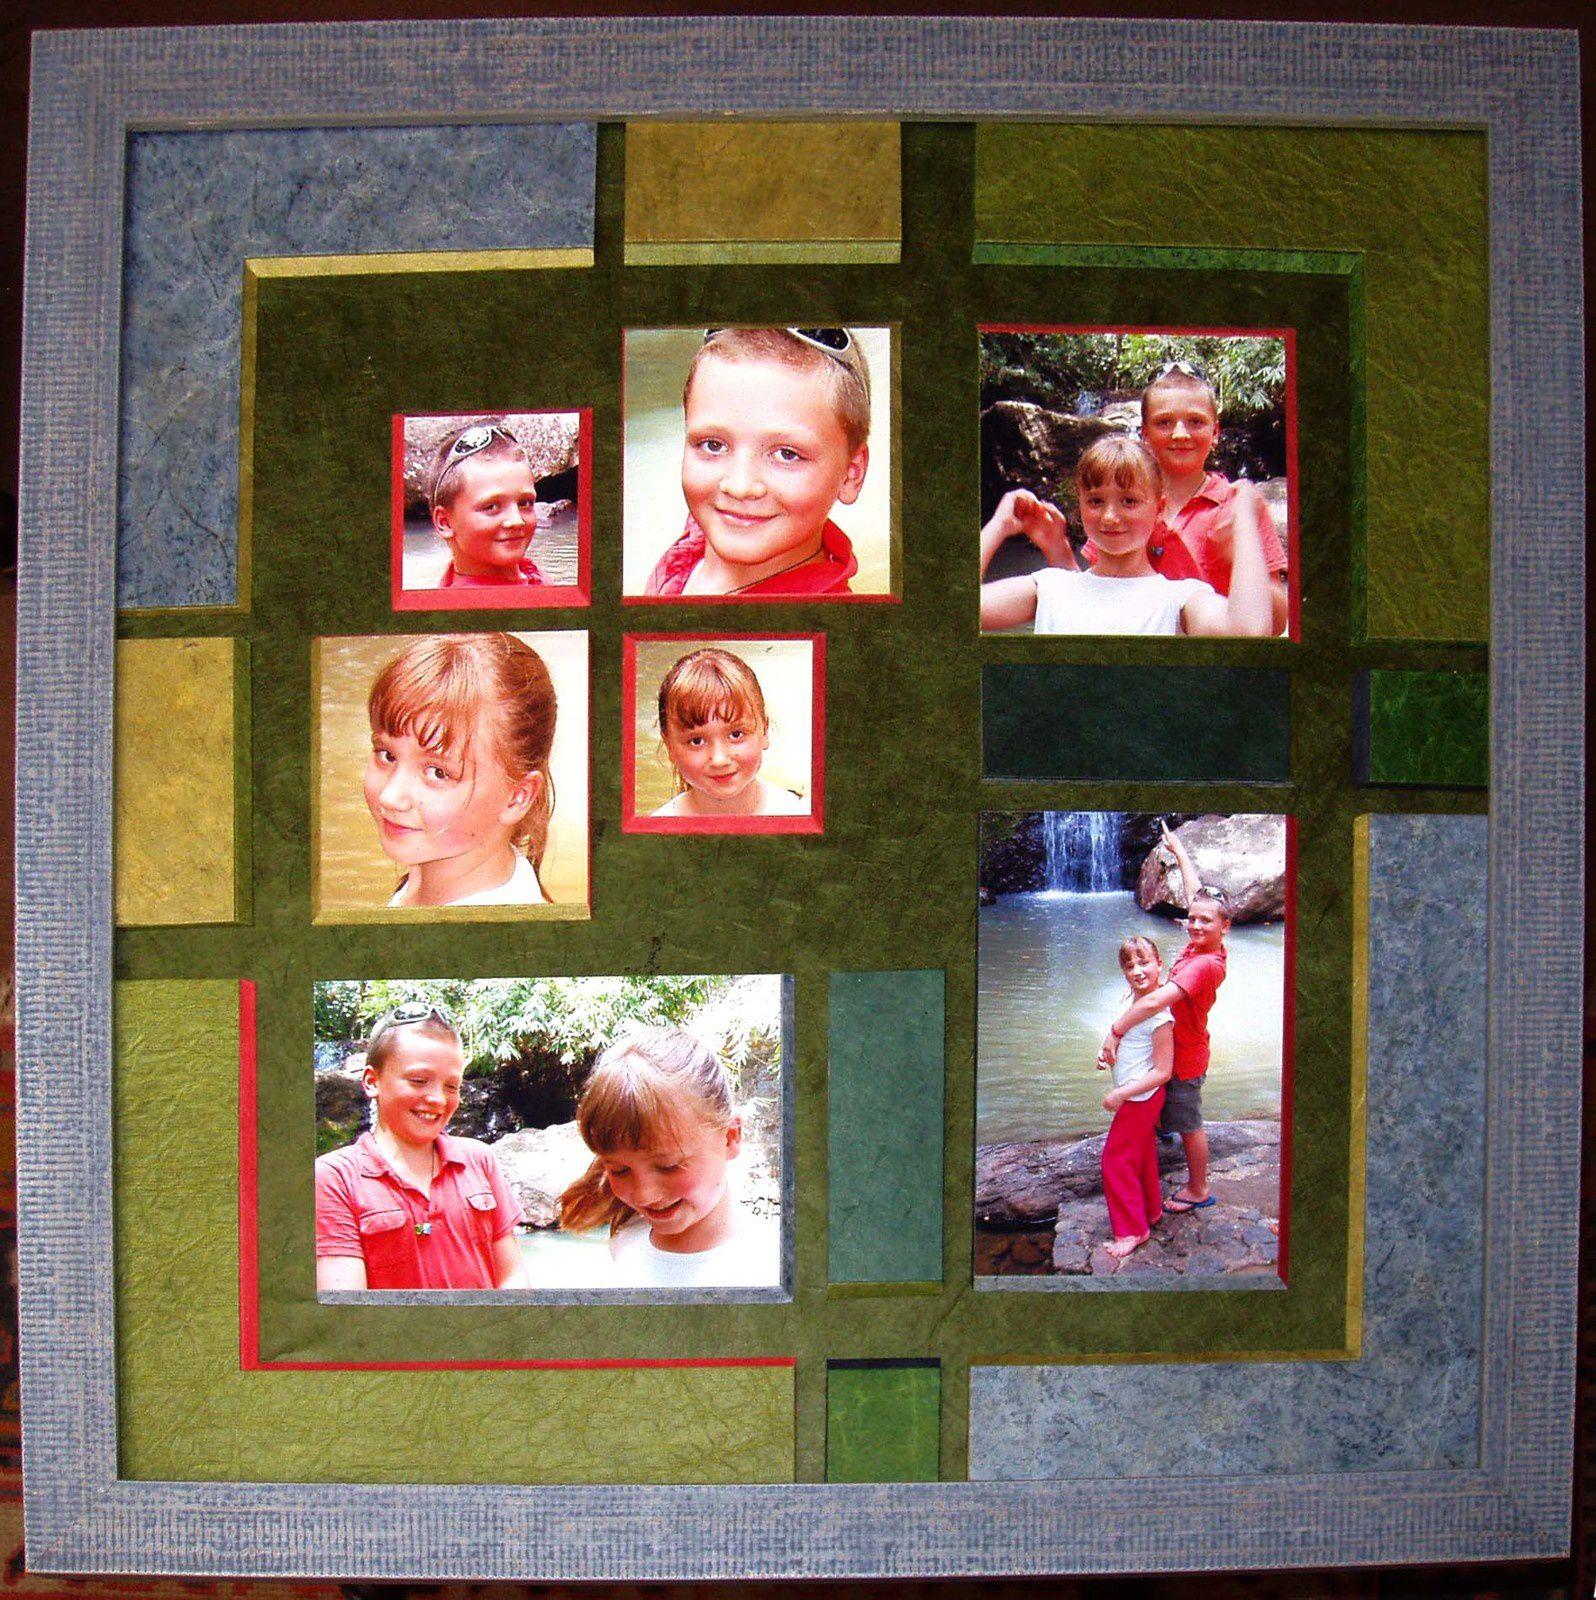 Multi-ouvertures en mosaïque de photos et de papiers : un jeu de composition.